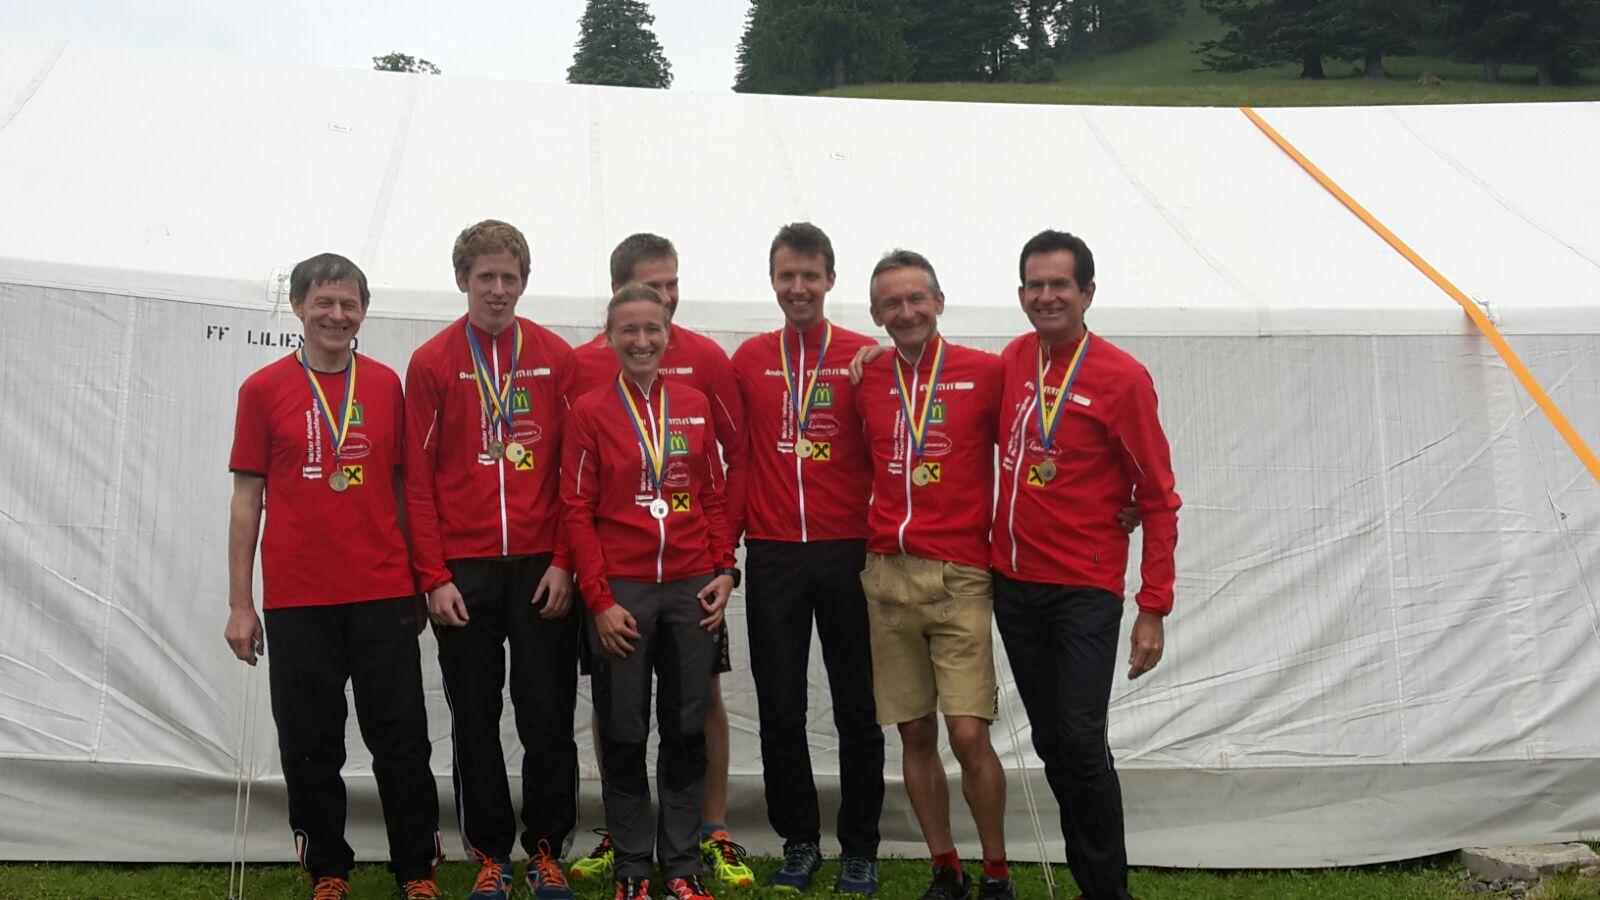 Die stolzen Teilnehmer: vlnr.: Ferdinand, Gerhard, Ulli, Josef, Andreas, Alois, Ernst